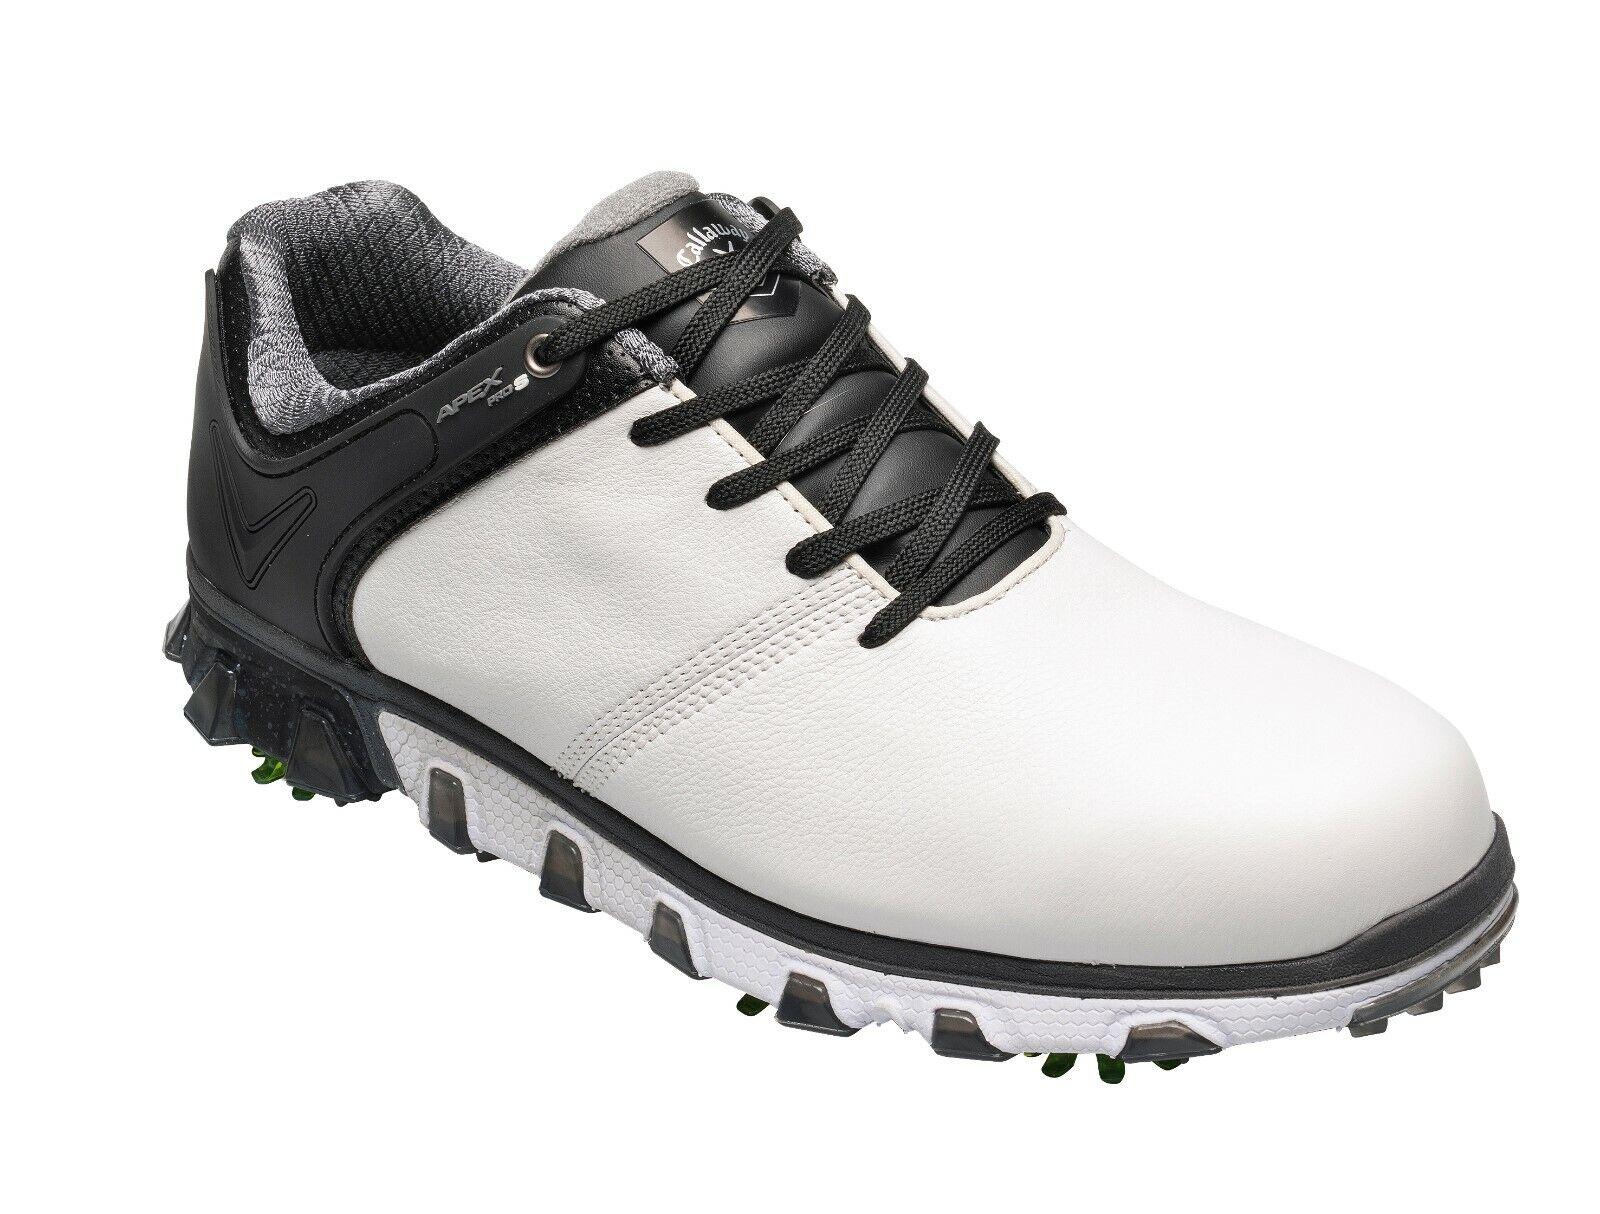 Callaway Apex Pro S `19, Herrenschuh, Gr.45 - UK 10,5, weiß-schwarz, wasserdicht